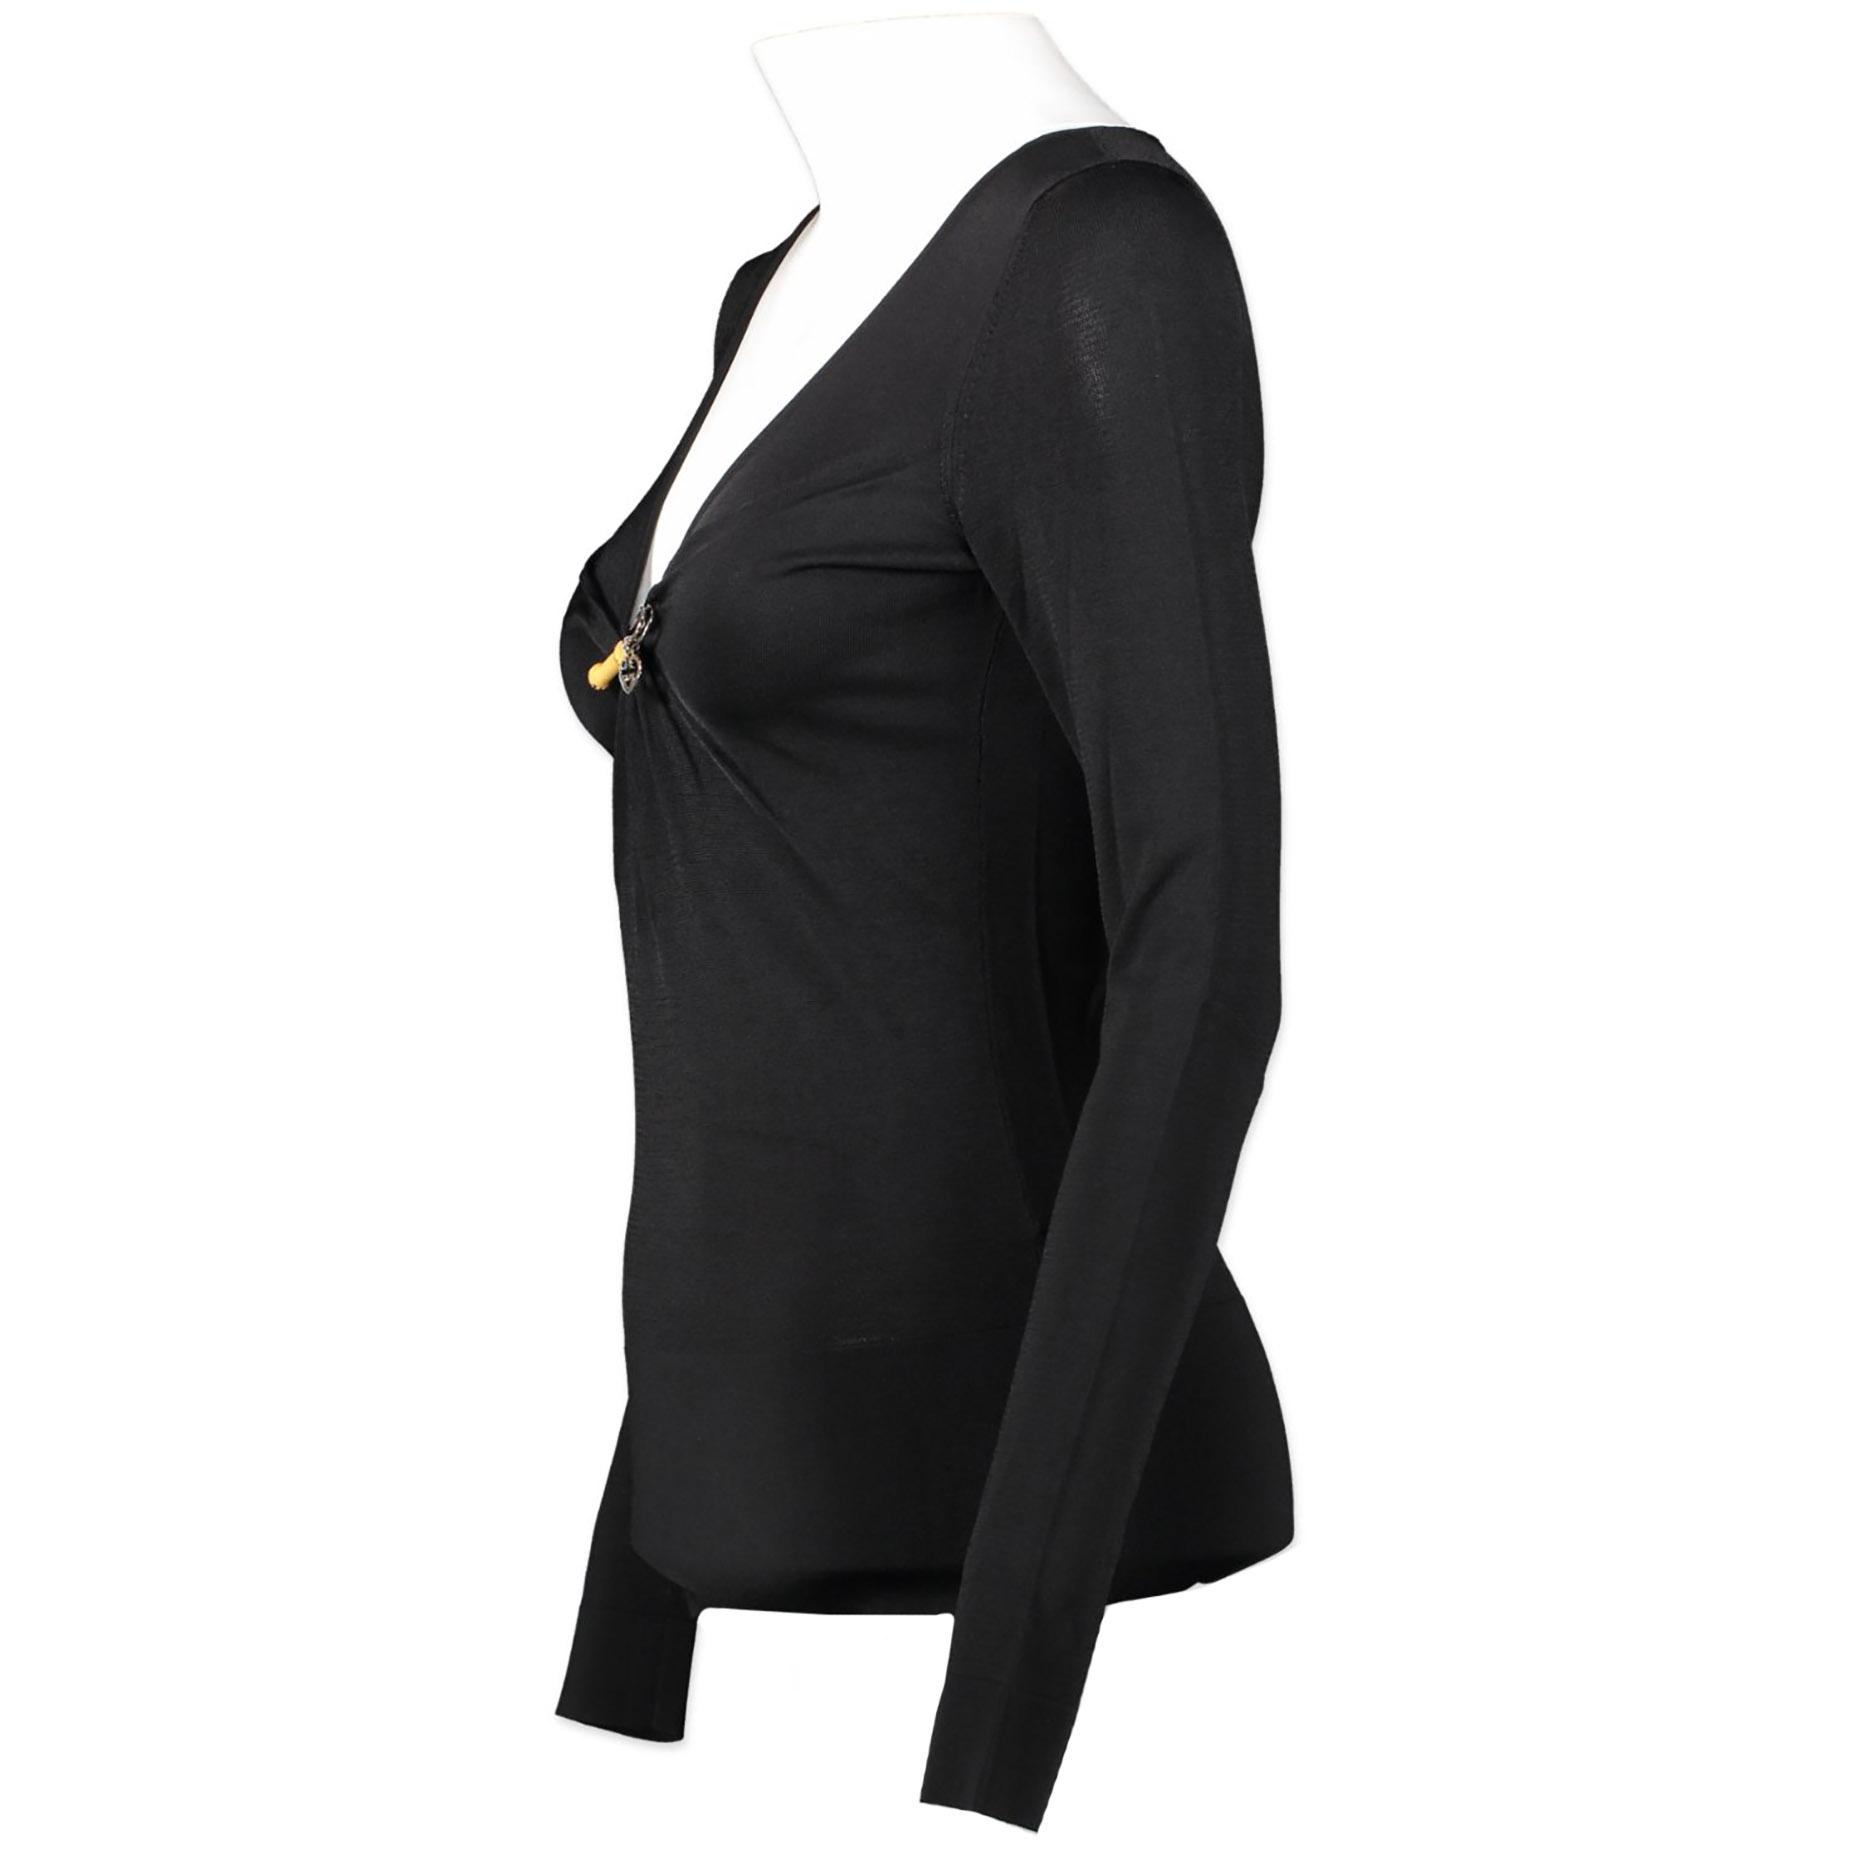 Authentieke tweedehands Gucci black bamboo pin top juiste prijs veilig online winkelen luxe merken webshop winkelen Antwerpen België mode fashion